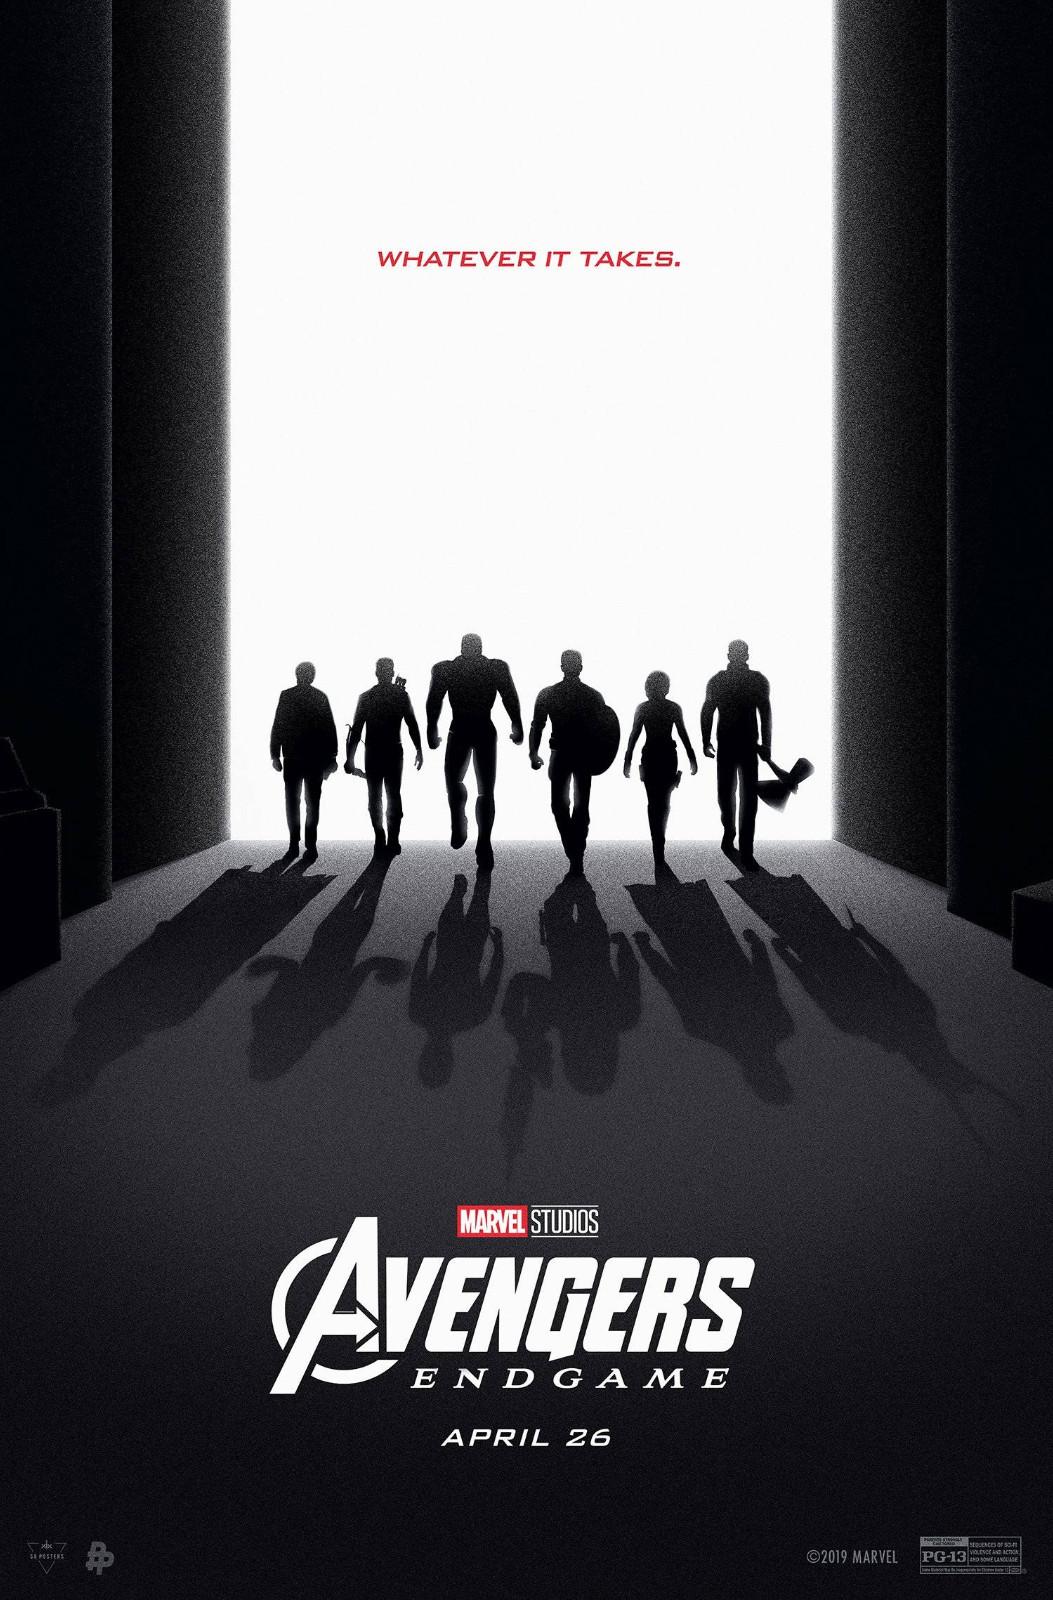 《复仇者联盟4》发布最新版艺术海报:初代6英雄倒影暗藏玄机